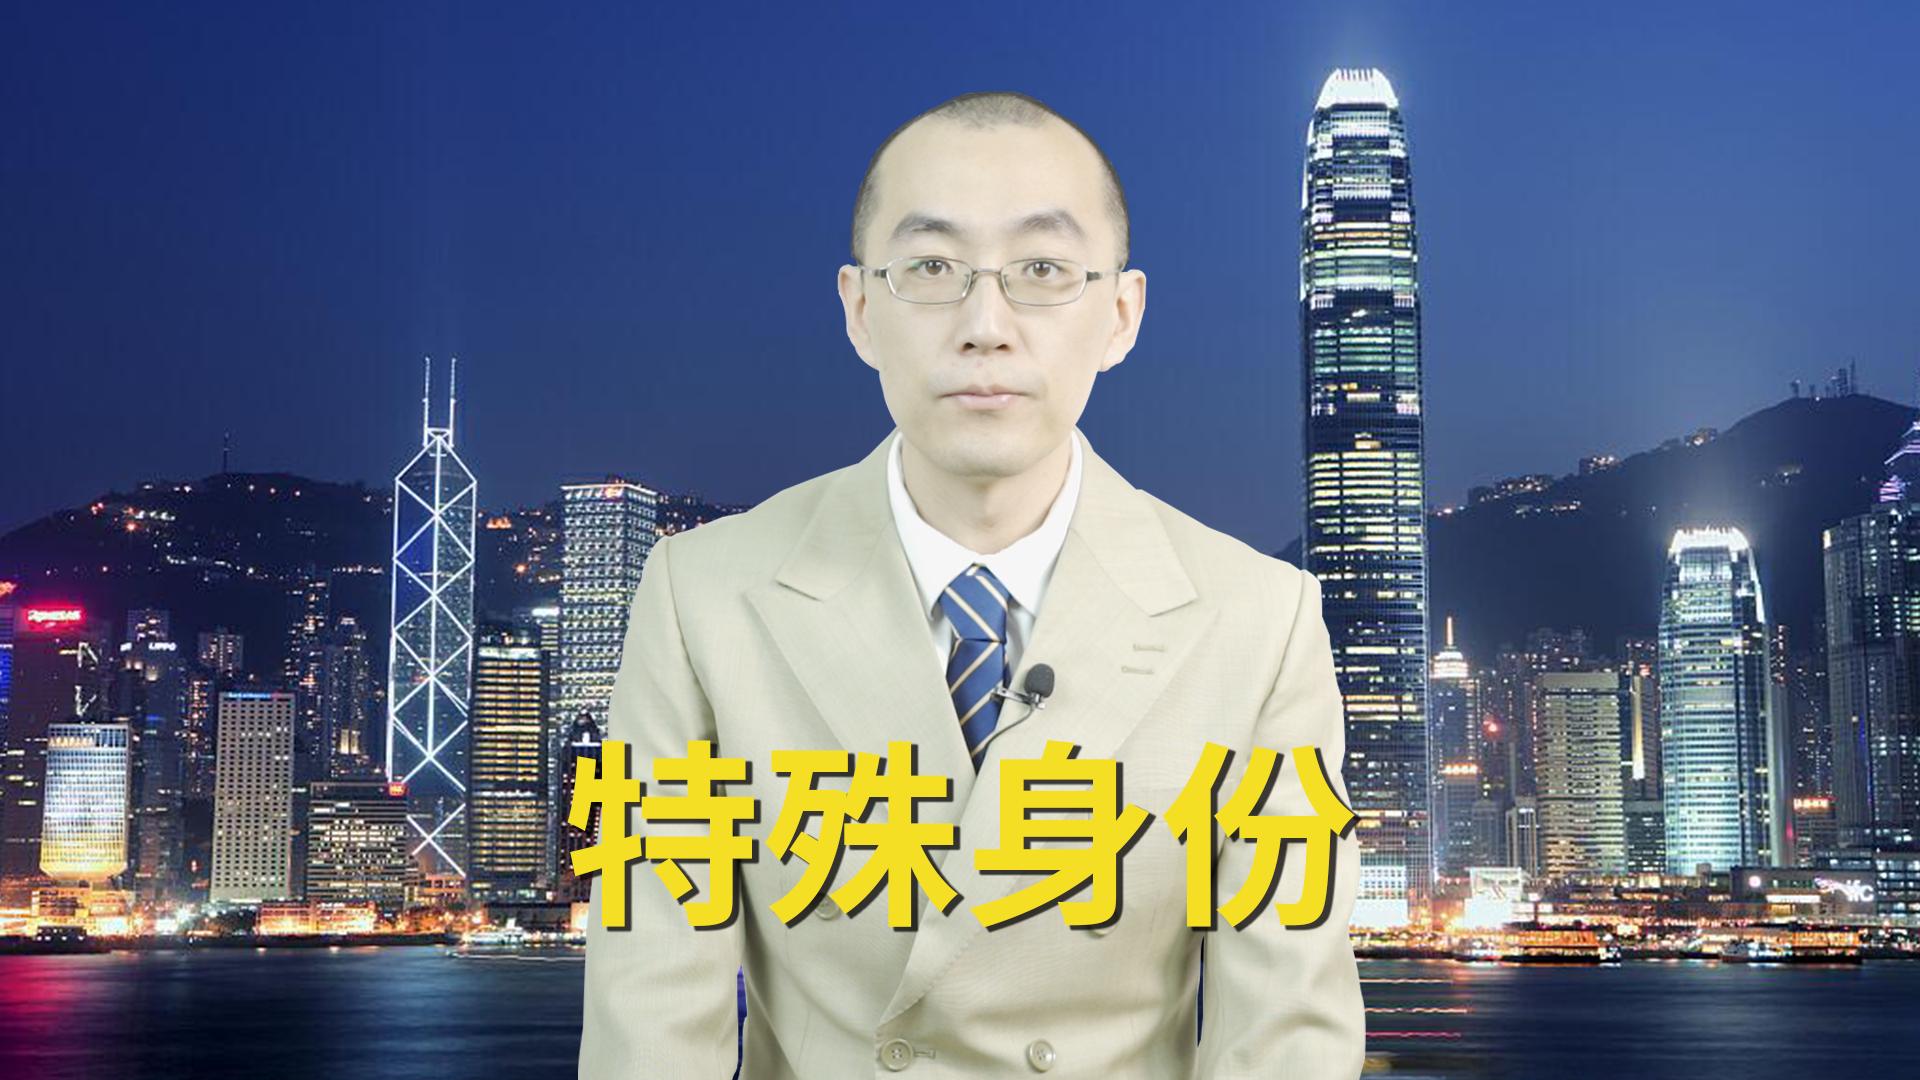 【懂点儿啥】香港的经济地位到底是怎么来的?